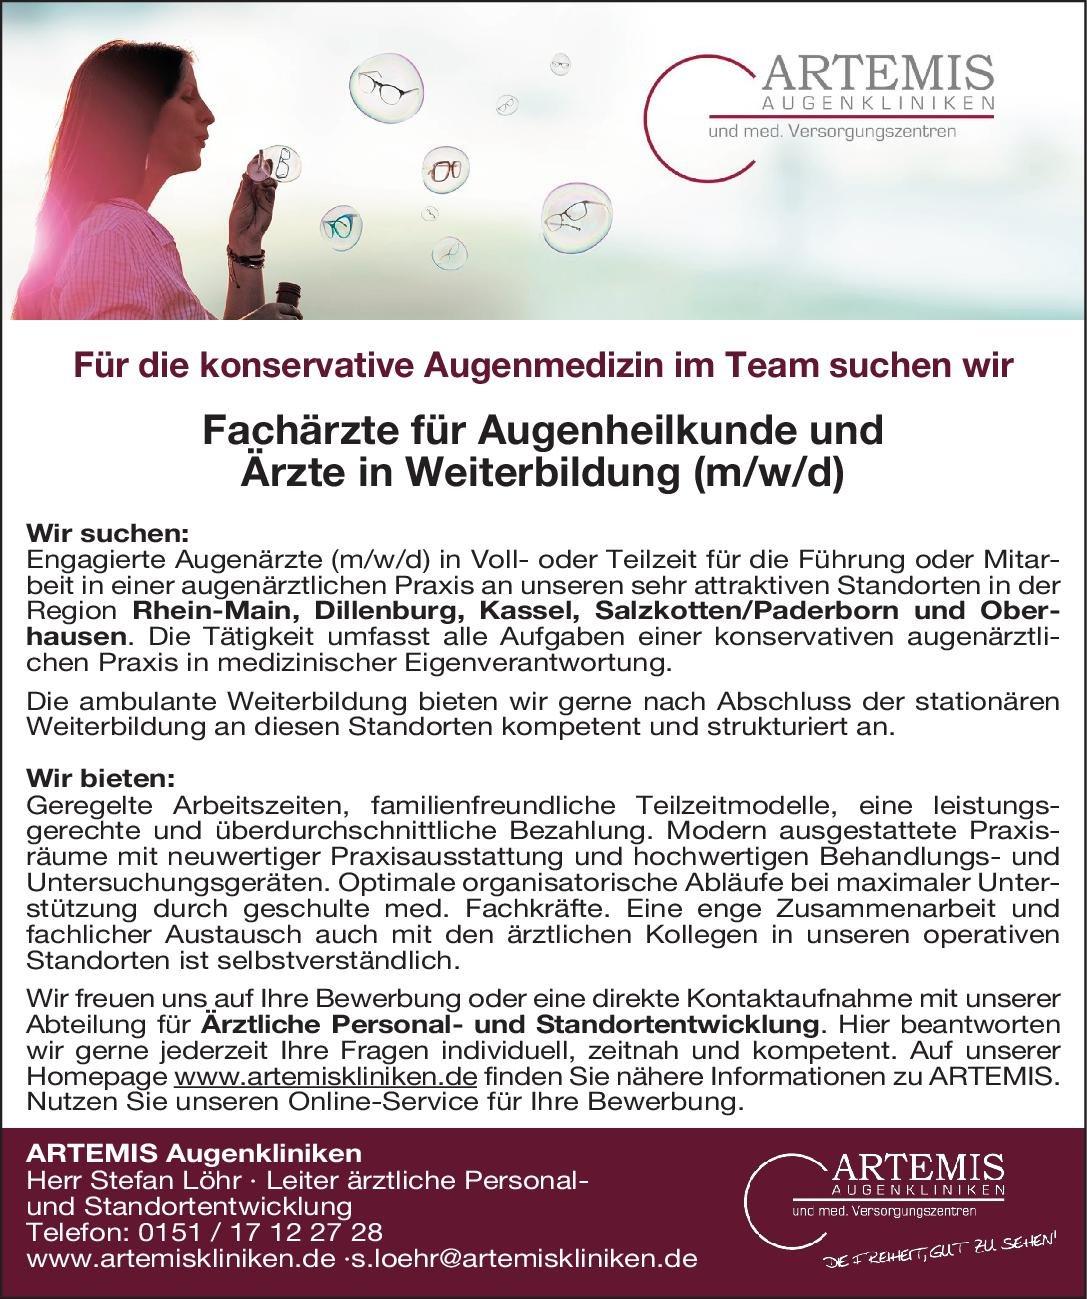 ARTEMIS Augenkliniken Fachärzte für Augenheilkunde und Ärzte in Weiterbildung (m/w/d) Augenheilkunde Arzt / Facharzt